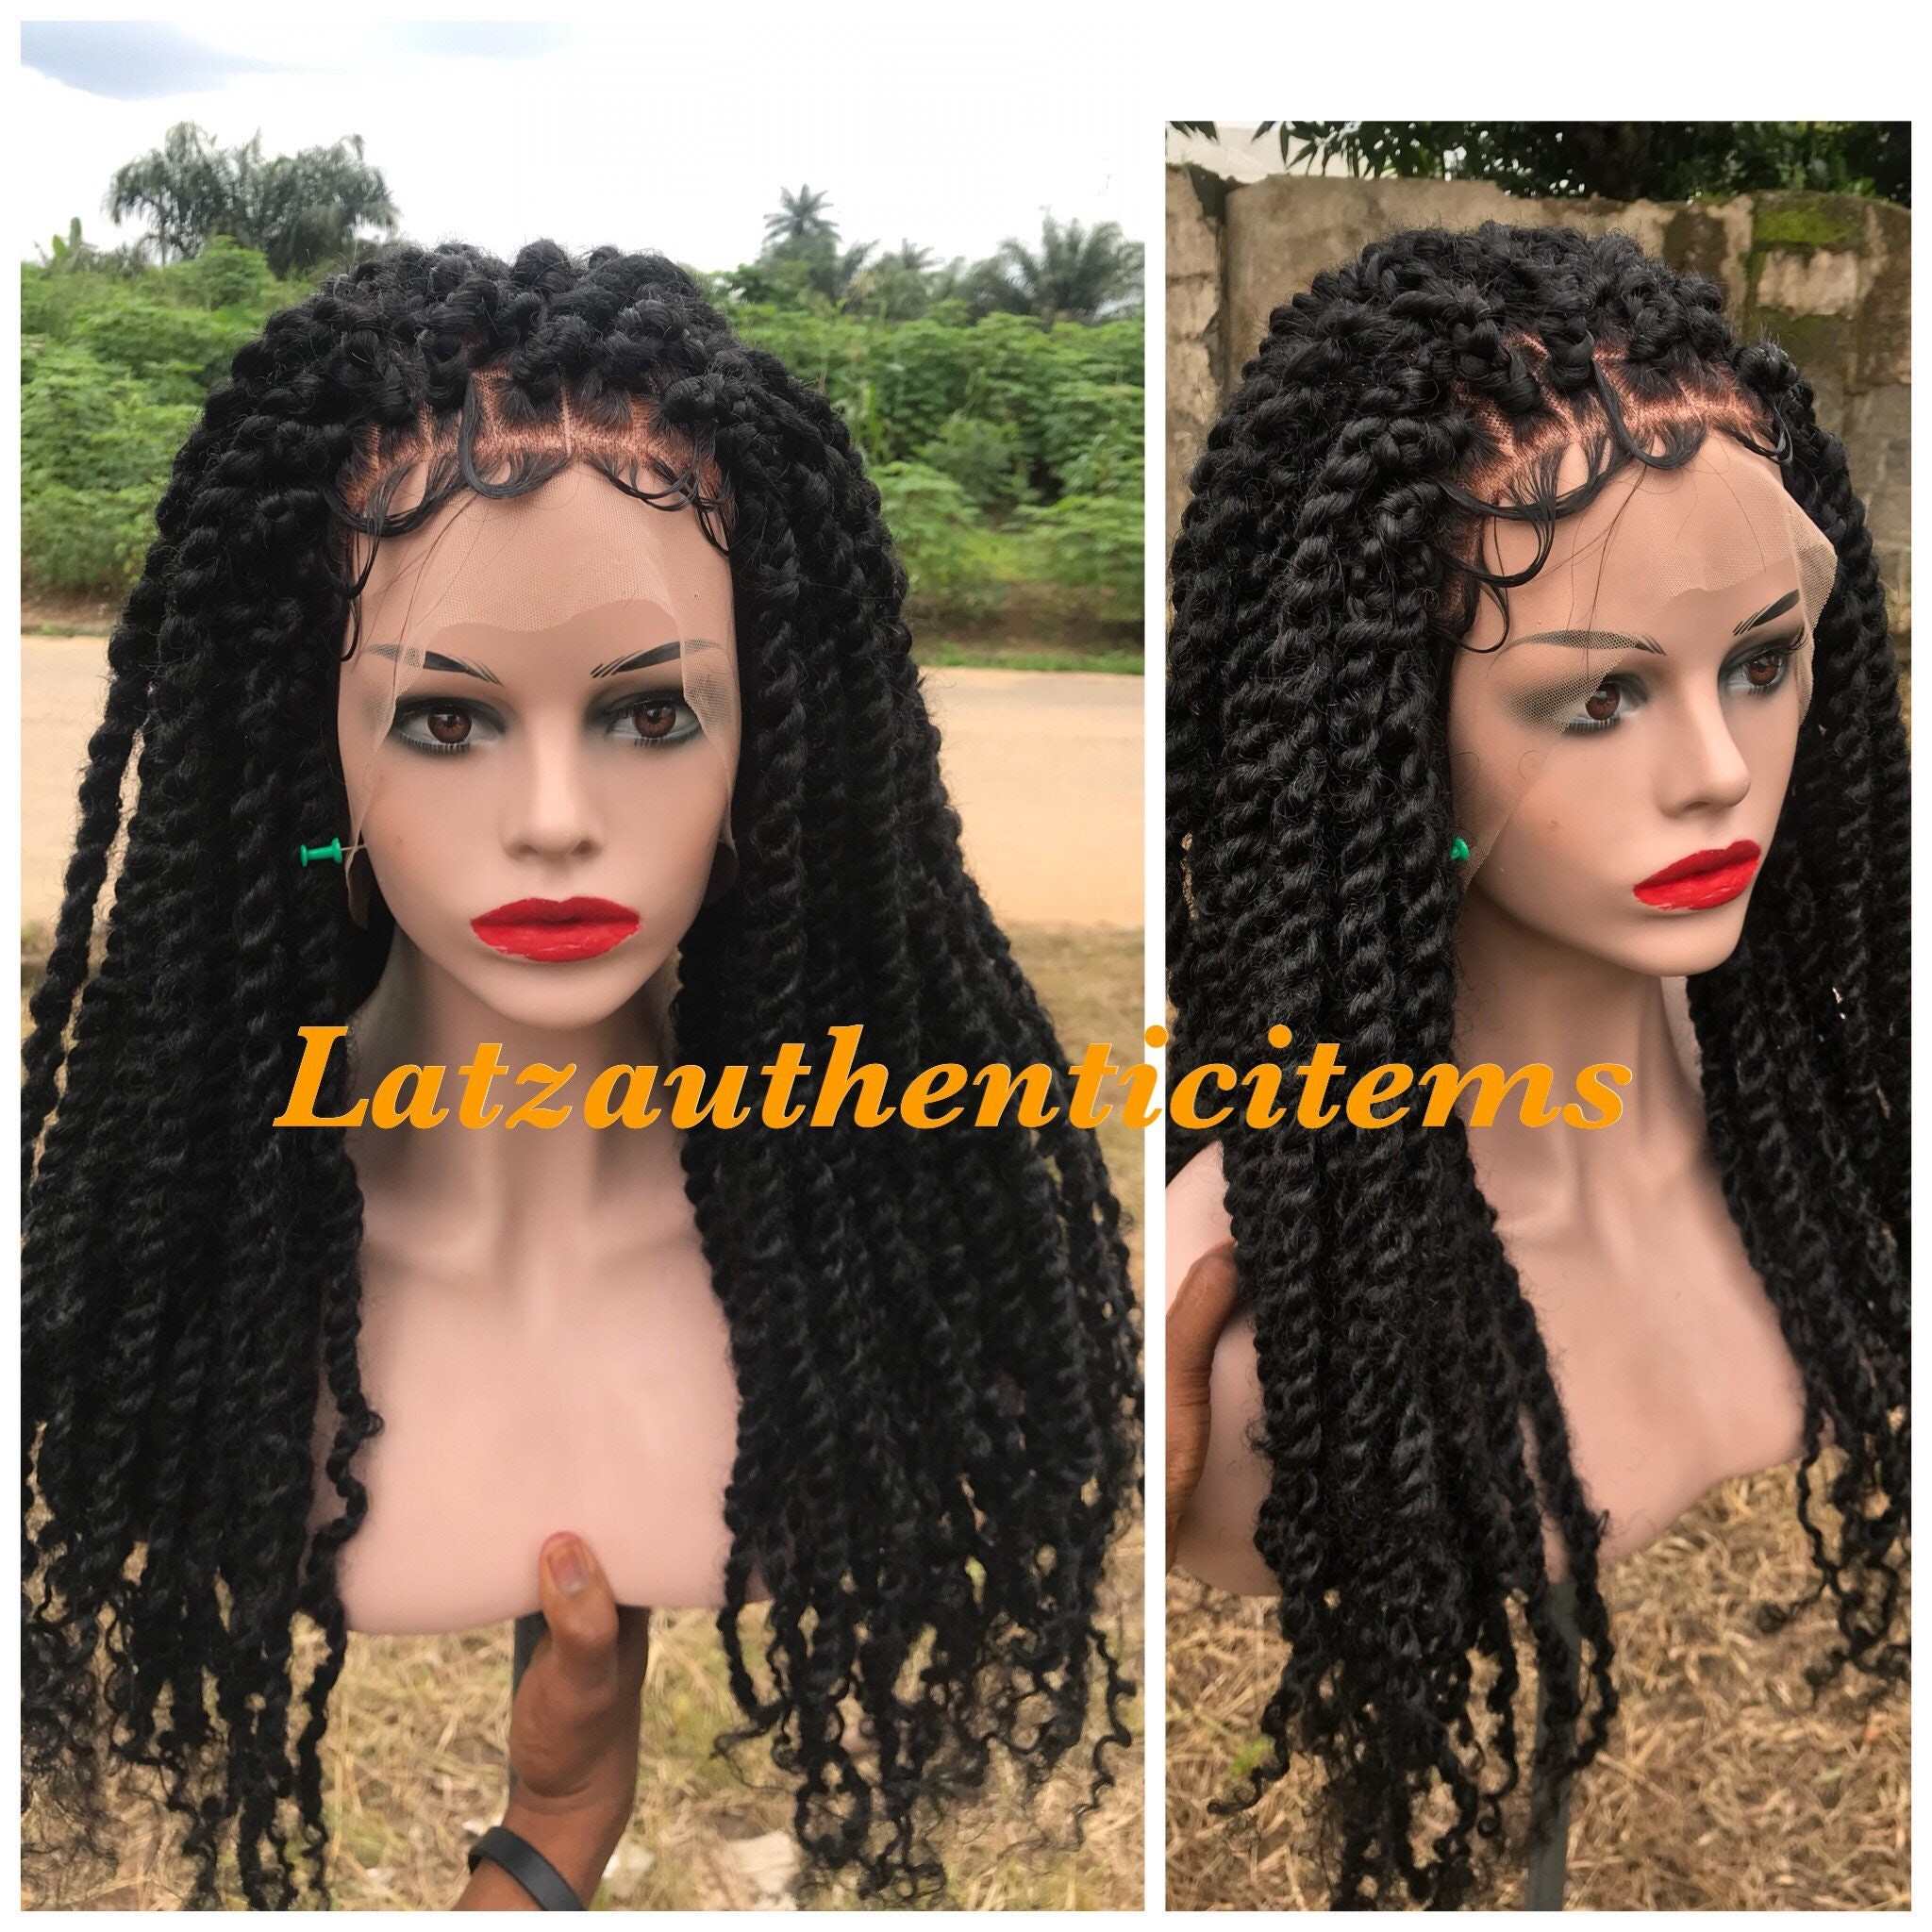 bb4d5dd2d42 Passion twists wig knotless braids wig Box braids wig cornrow ...